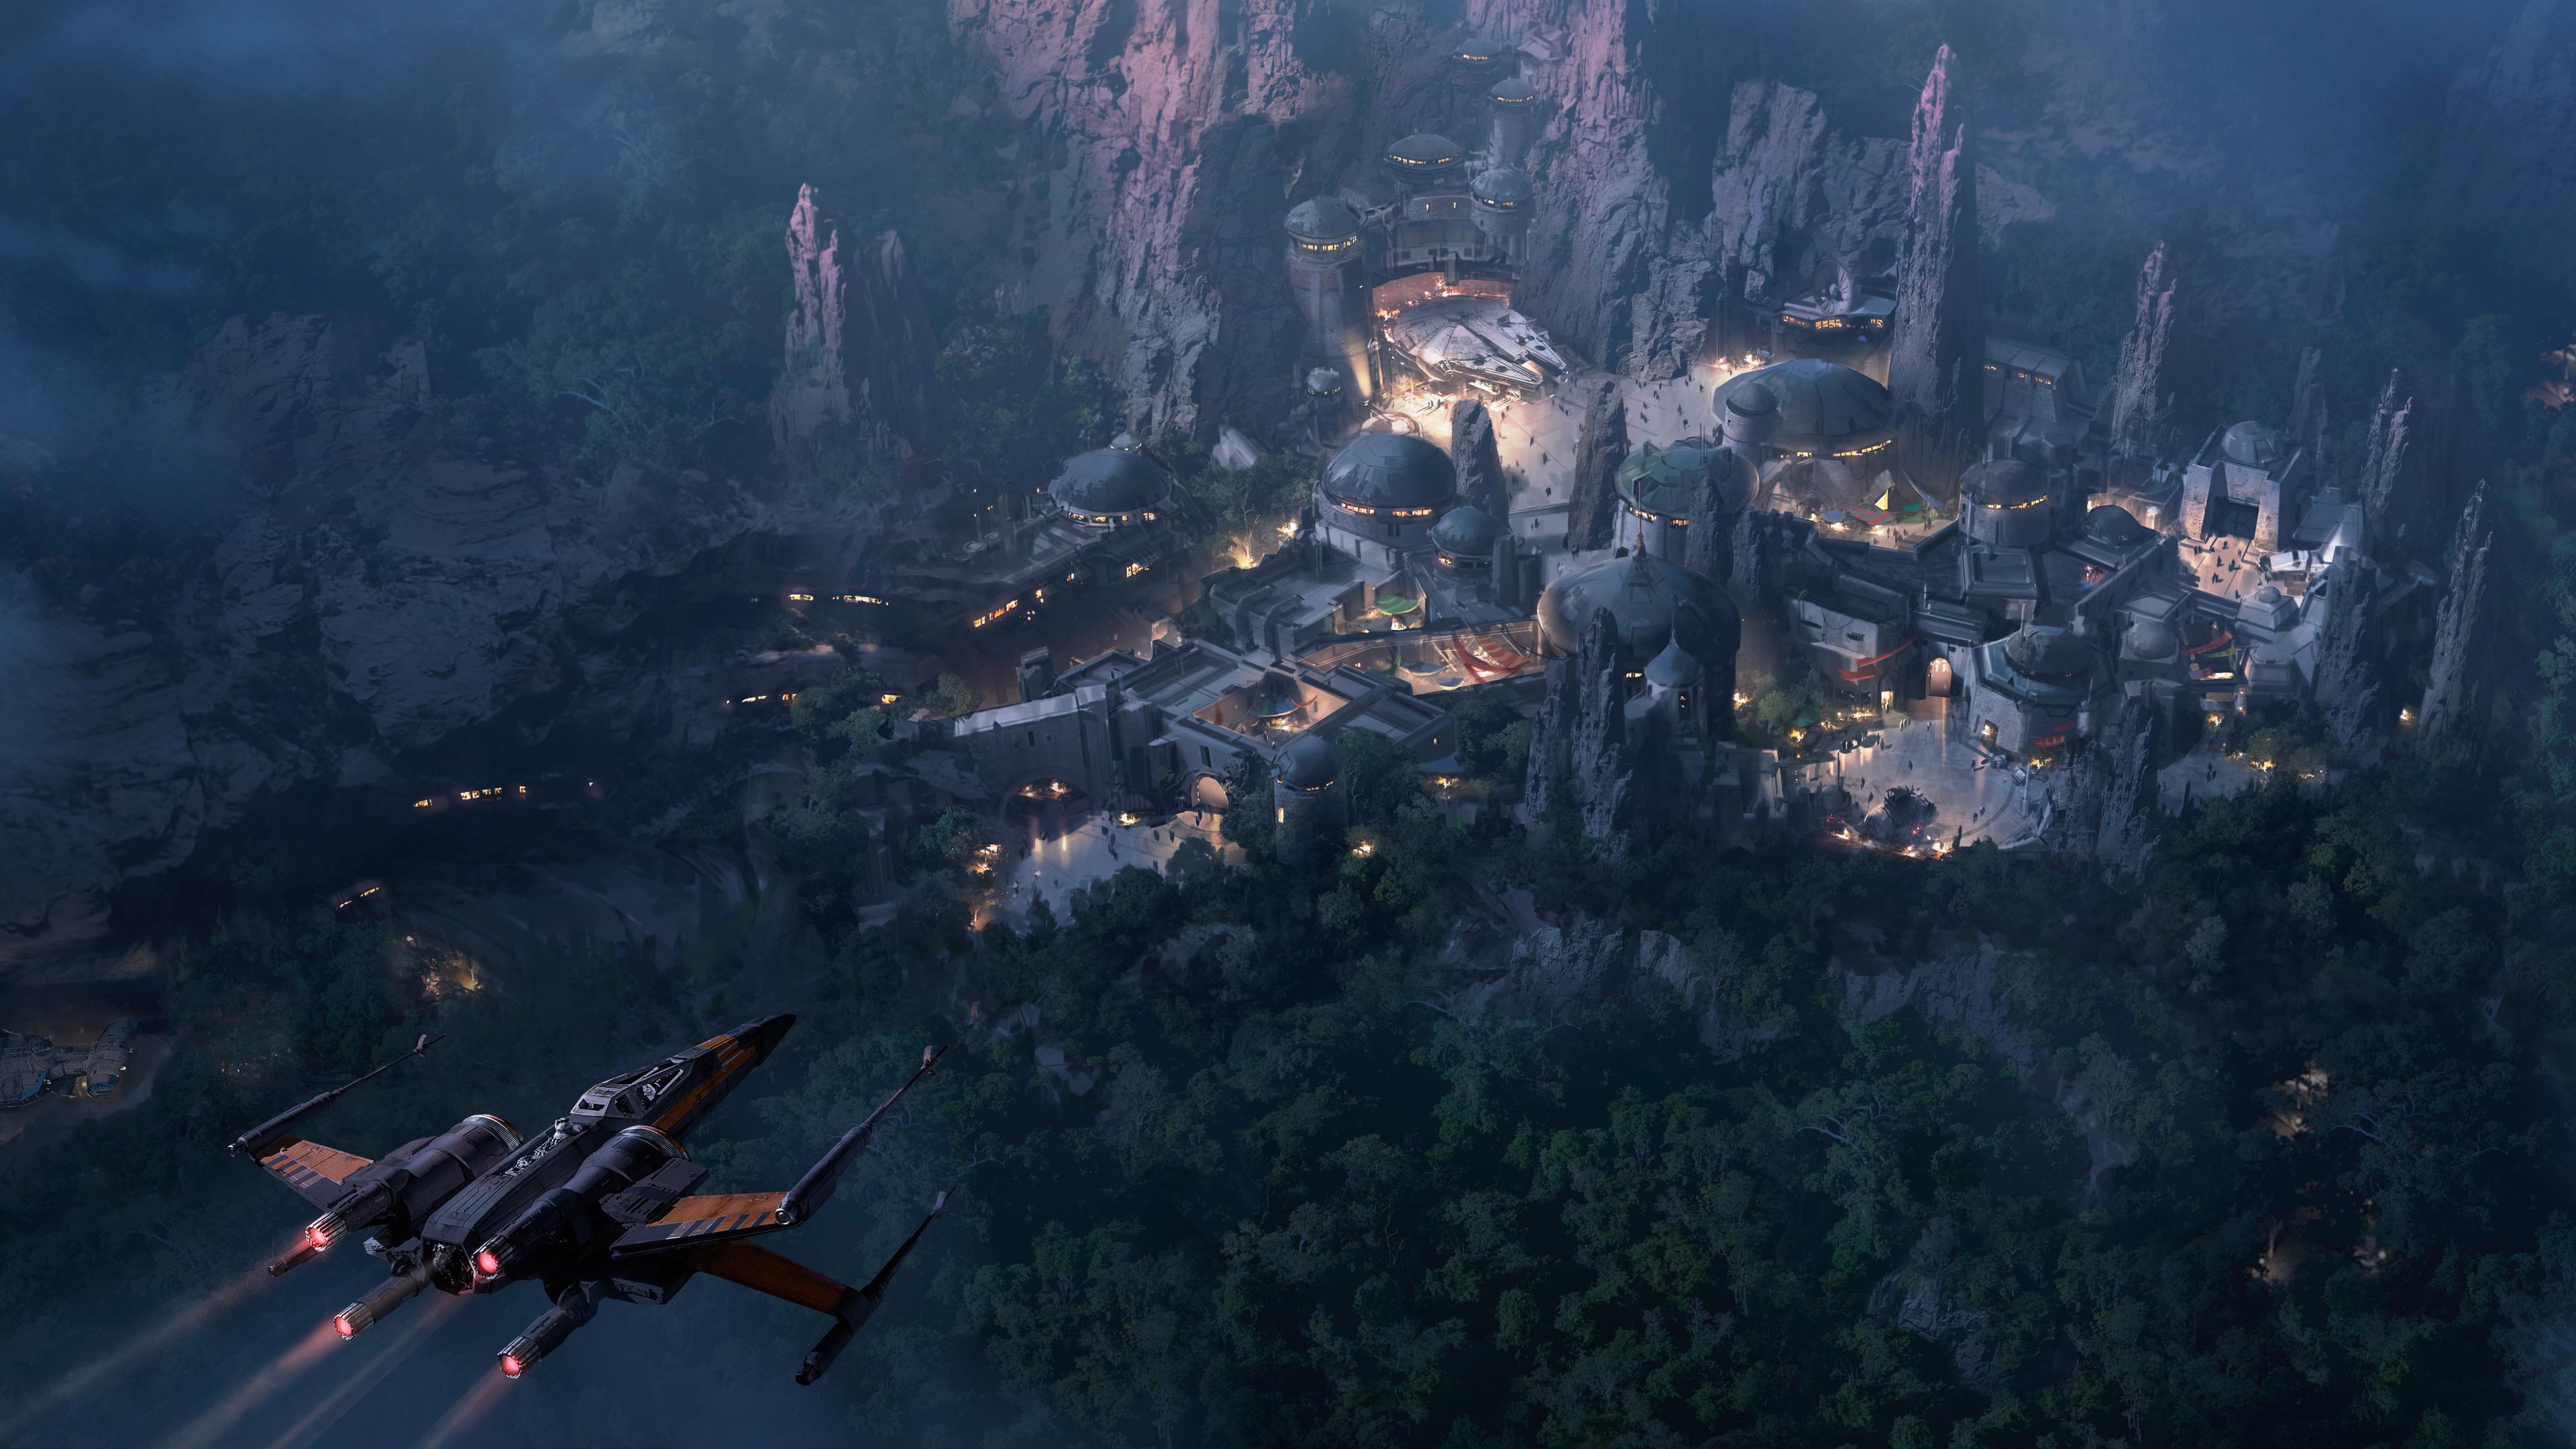 Wallpaper 4k Star Wars Land At Night Concept Art 4k 5k